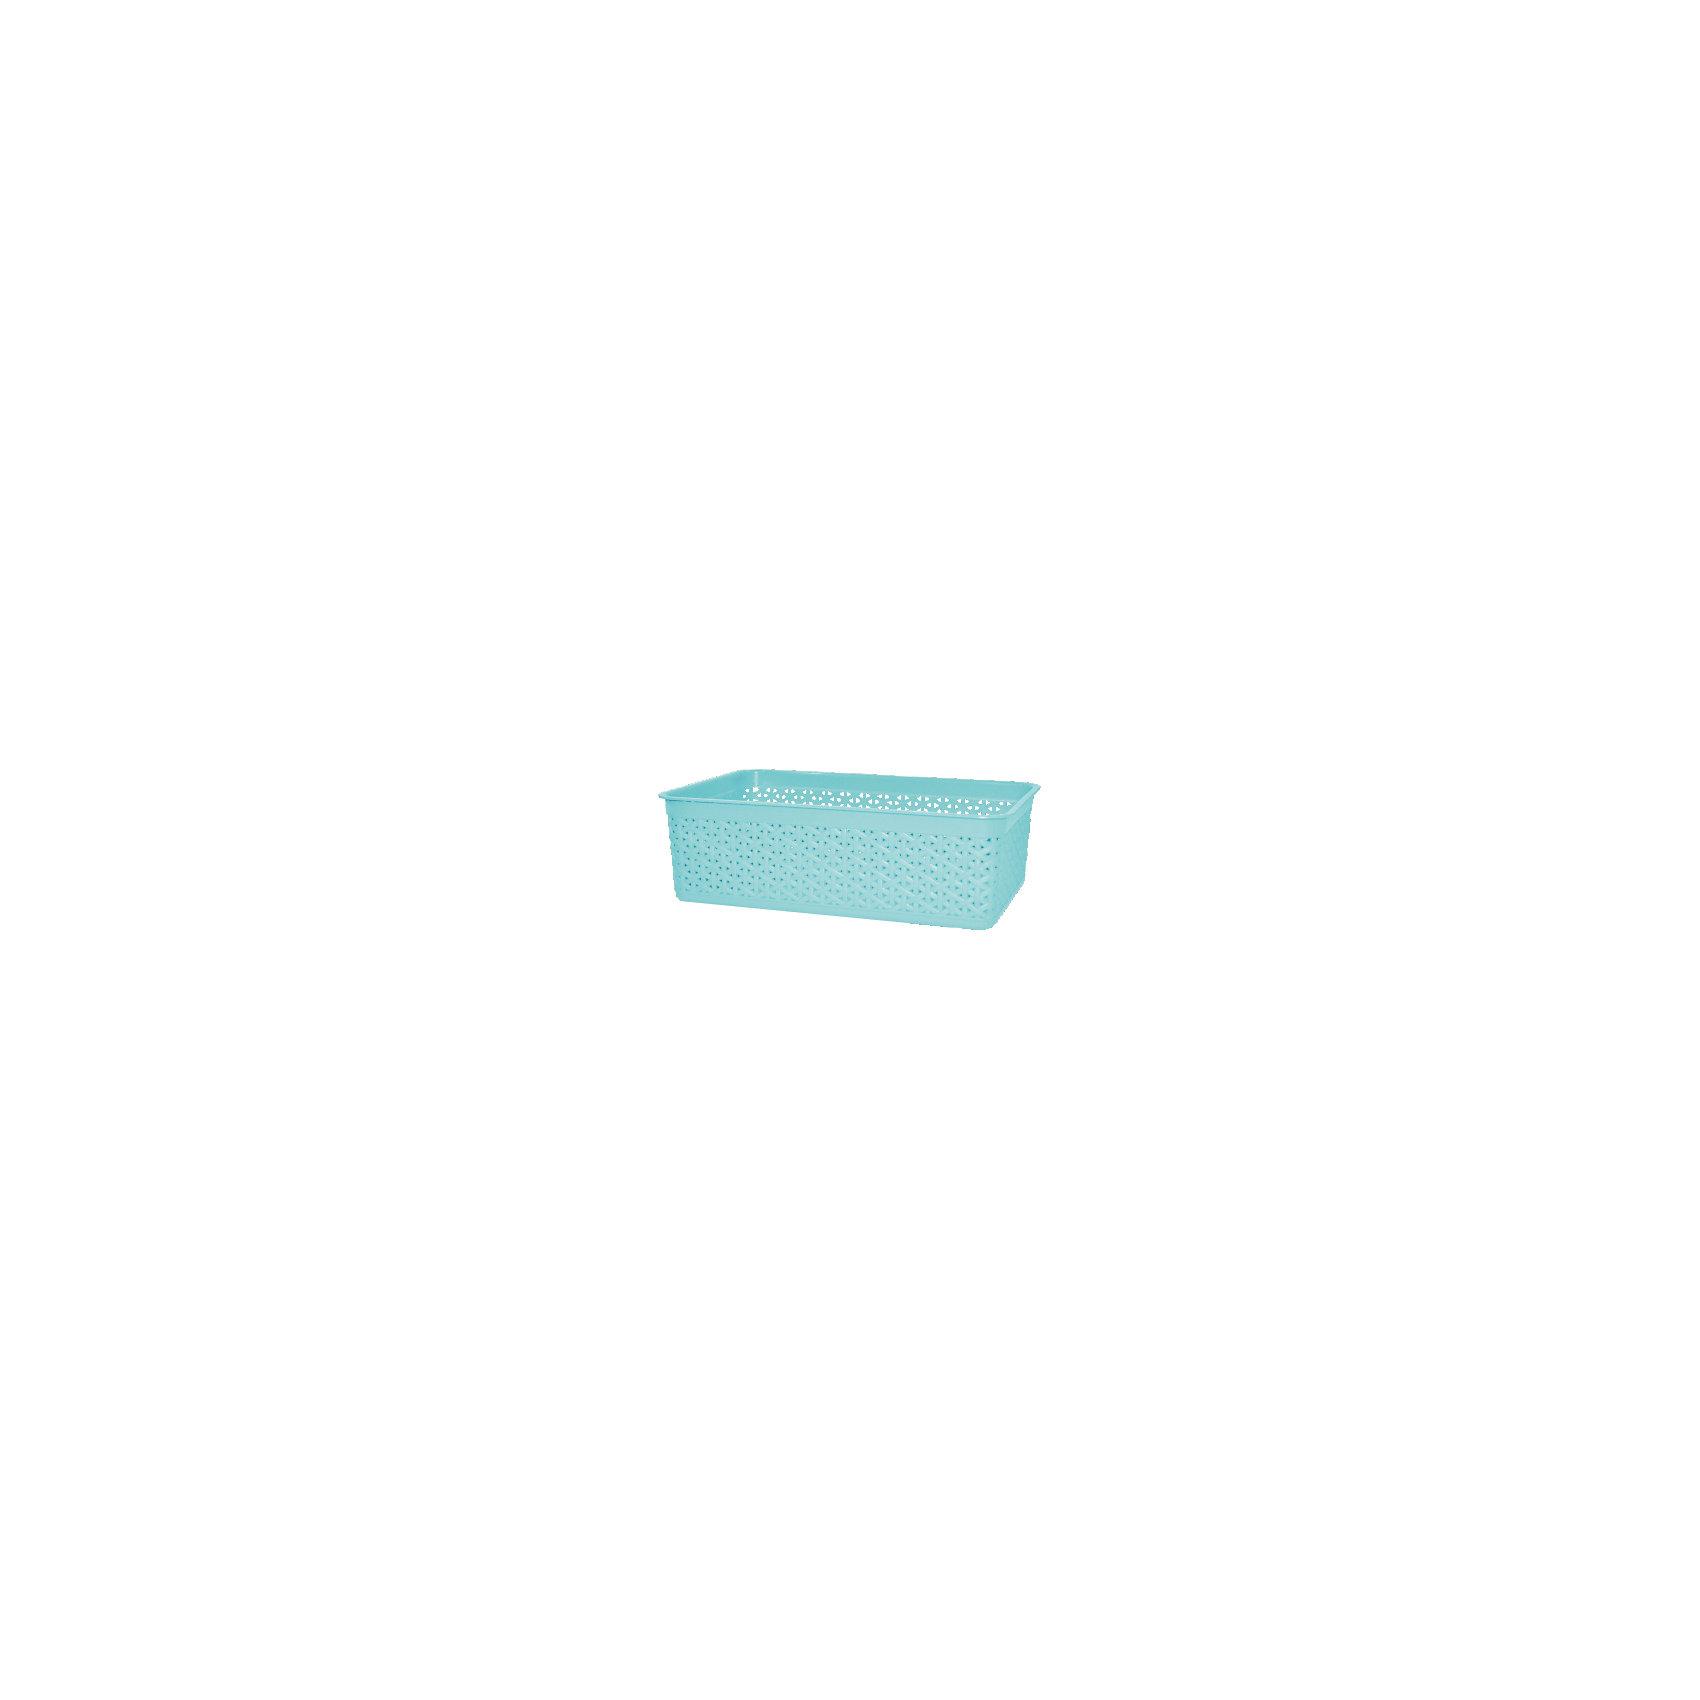 Корзинка универсальная Natural Style, BranQКухонная утварь<br>Корзинка универсальная NaturalStyle, BranQ<br><br>Характеристики:<br><br>• Вес: 157 г<br>• Размер: 25,7х15,8х8<br>• Цвет: голубой<br>• Материал: пластик<br><br>Универсальная корзинка в стиле NaturalStyle станет прекрасным дополнением к дизайну вашего дома. Она изготовлена из высококачественного цветного пластика с перфорацией и предназначена для хранения мелочей. Благодаря ее использованию, вы больше никогда не потеряете ключи или другие полезные мелочи.<br><br>Корзинка универсальная NaturalStyle, BranQ можно купить в нашем интернет-магазине.<br><br>Ширина мм: 257<br>Глубина мм: 158<br>Высота мм: 80<br>Вес г: 157<br>Возраст от месяцев: 216<br>Возраст до месяцев: 1188<br>Пол: Унисекс<br>Возраст: Детский<br>SKU: 5545595